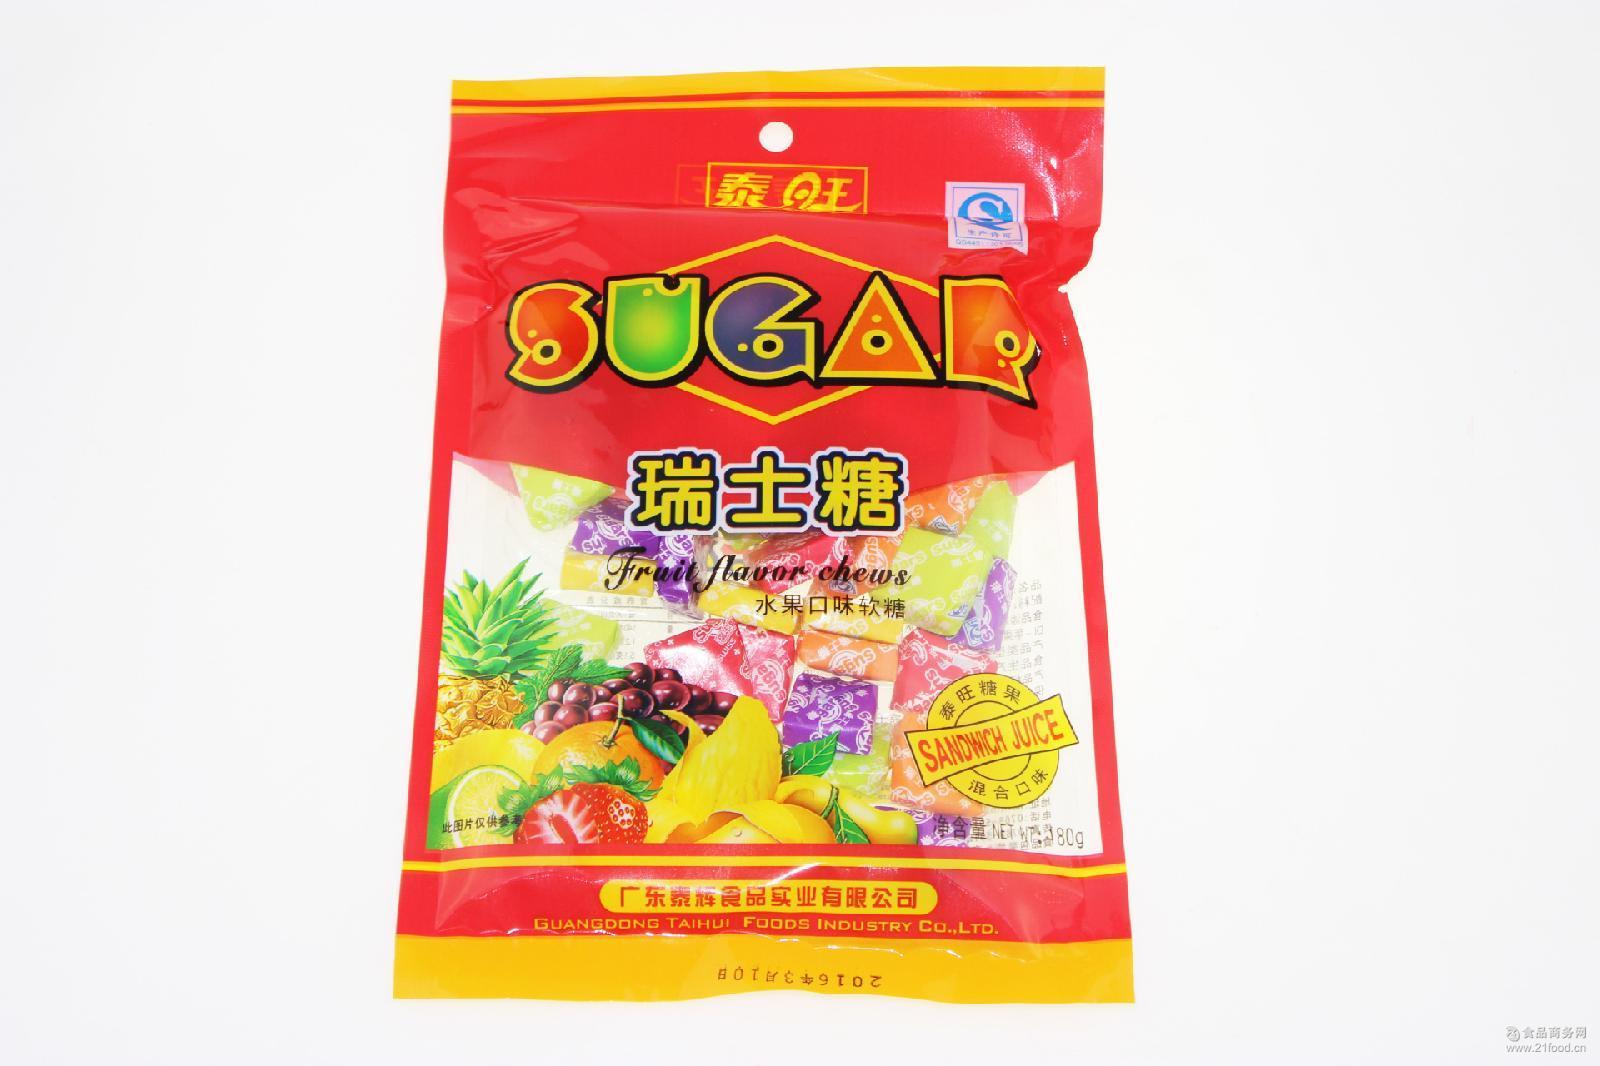 sugar瑞士糖180g 老少皆宜 低度充气类砂质型糖果独立包装 泰旺